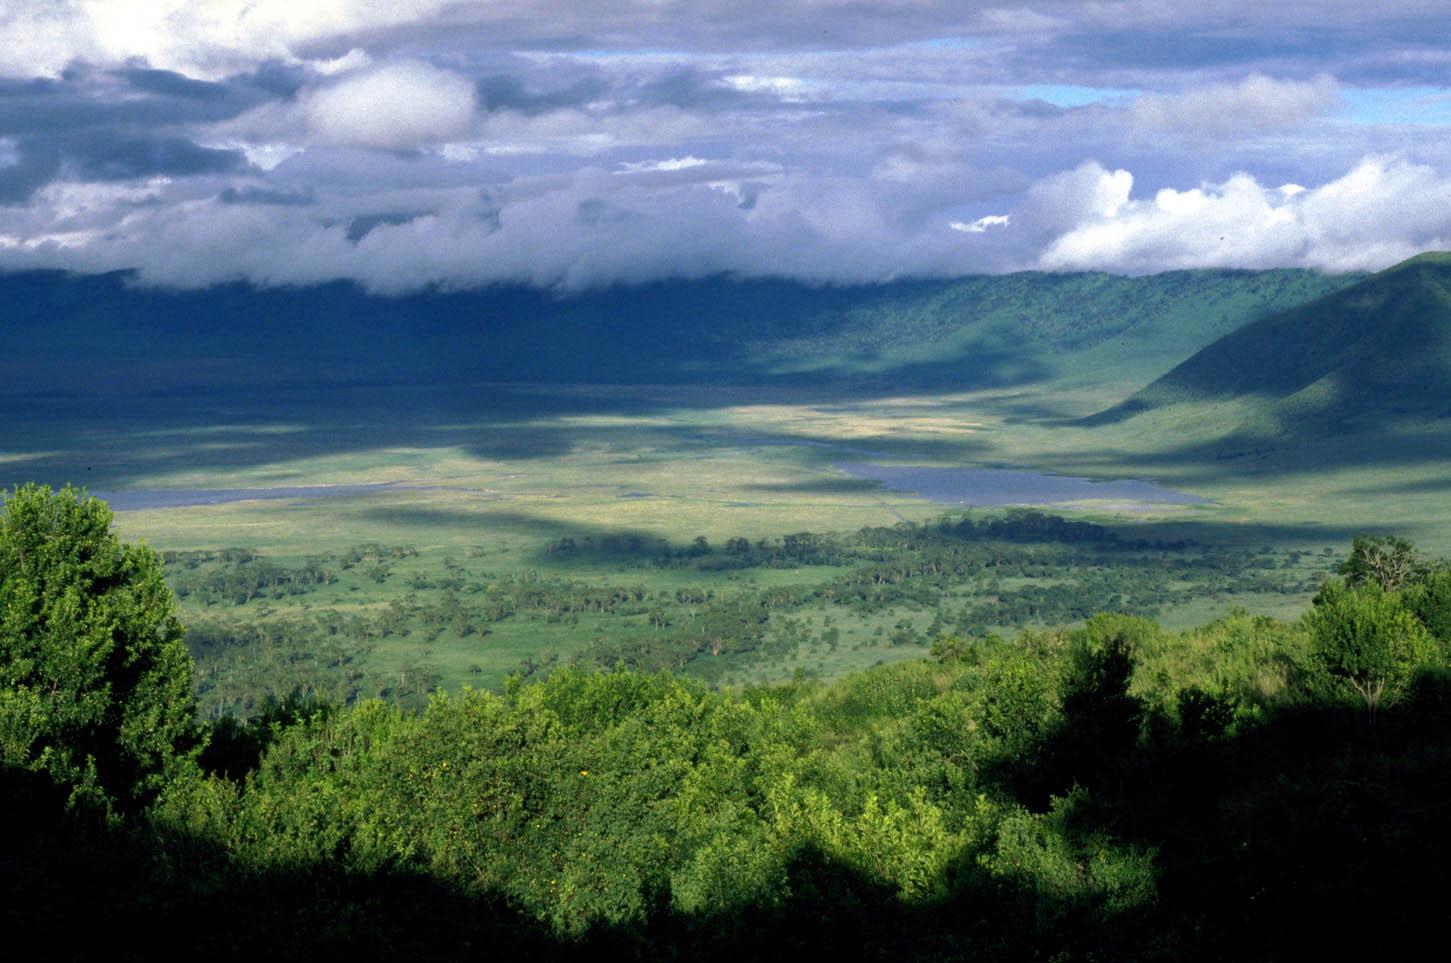 ngorongoro crater and kilimanjaro wins natural wonders awards 2012